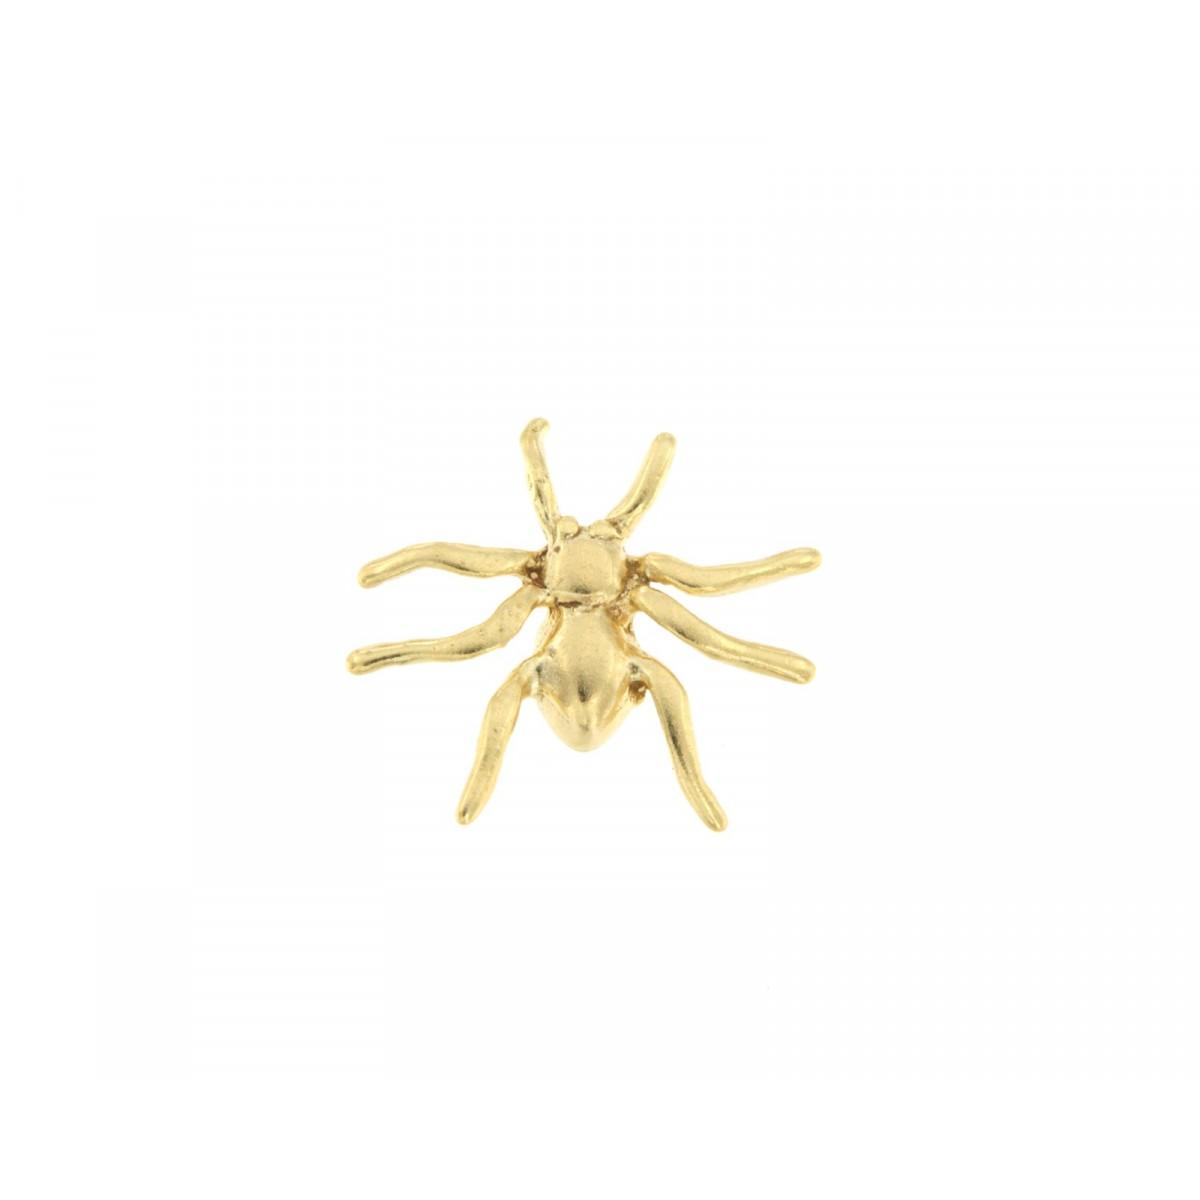 sognare ragno dorato